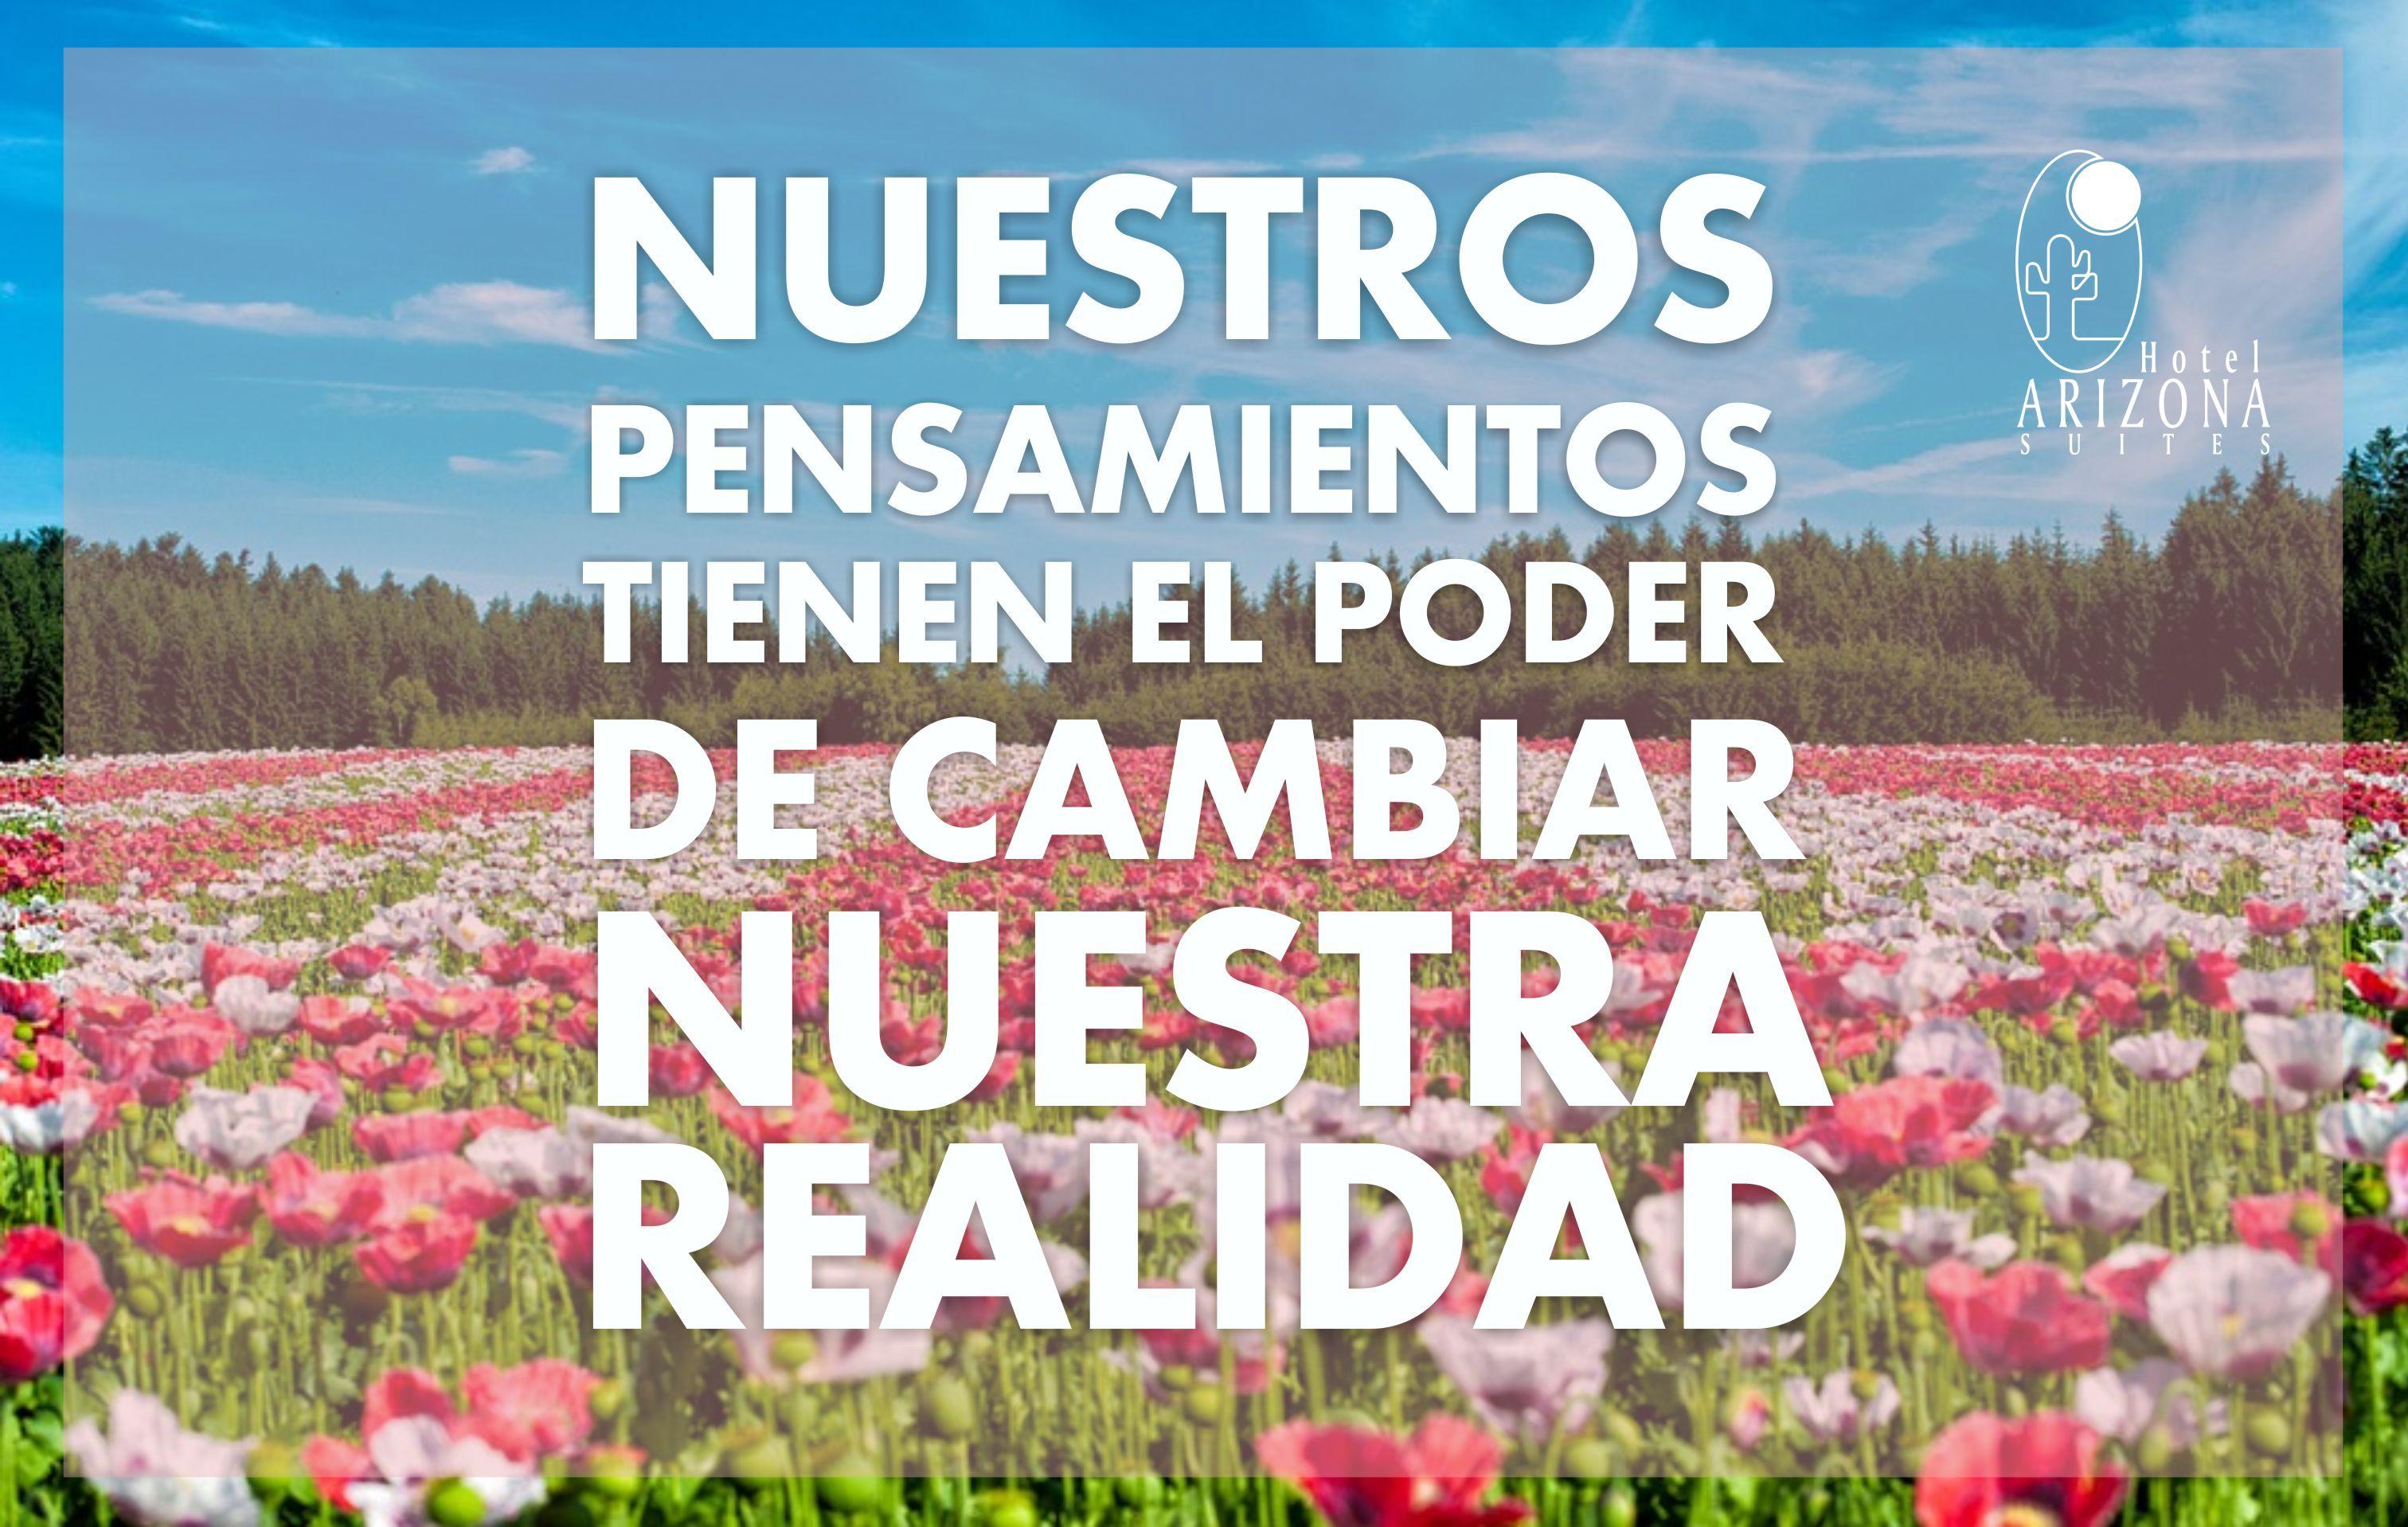 Nuestros pensamientos tienen el poder de cambiar nuestra realidad #frasemotivadora #motivacion #cucuta